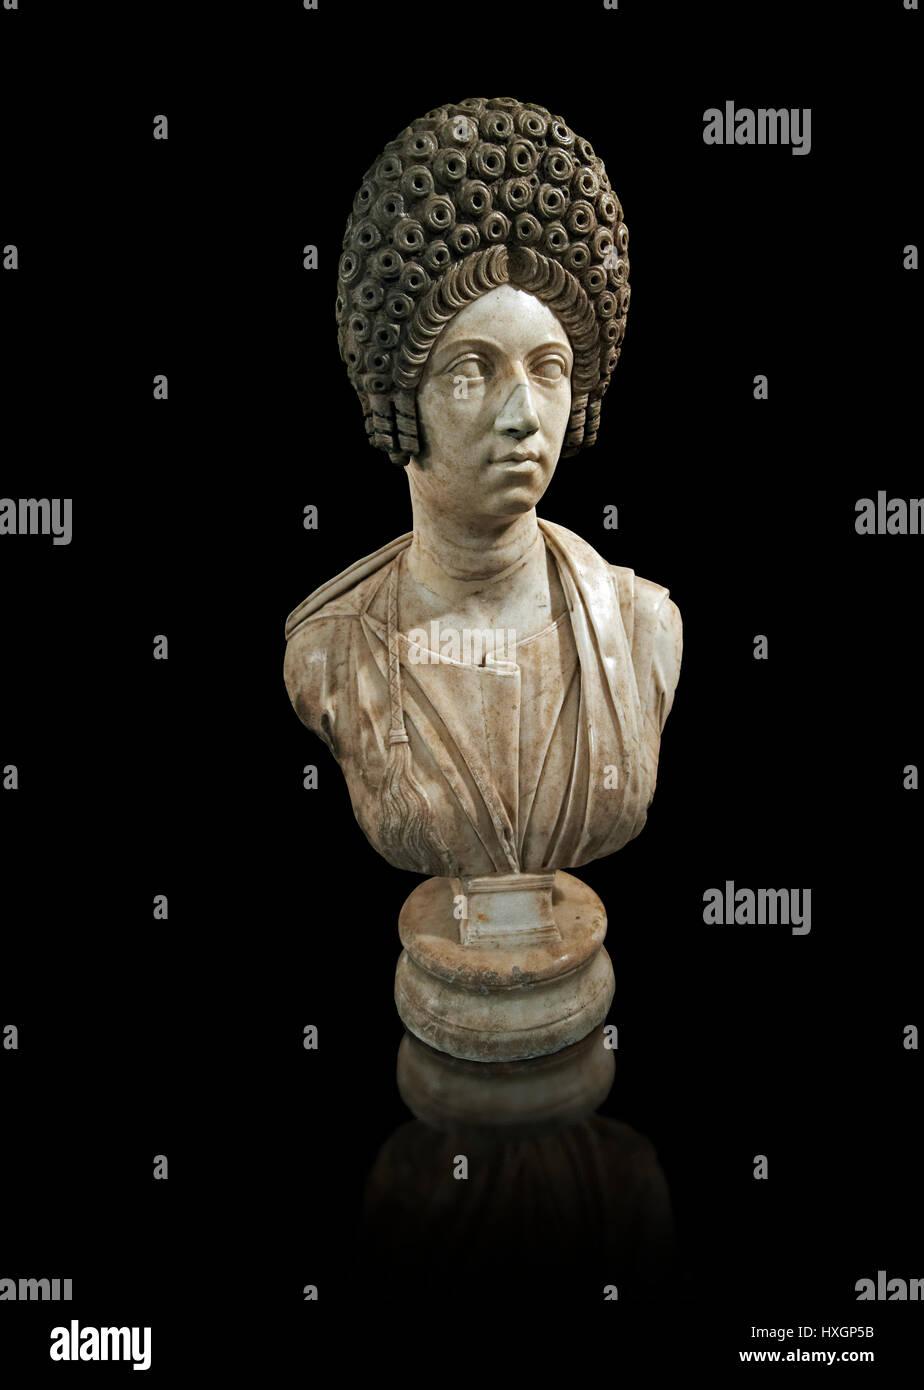 Römerinnen Skulptur mit typischen Trajan Periode Hair Style, spät Trajan Periode 98-117 n. Chr., Inv 6074, Stockbild